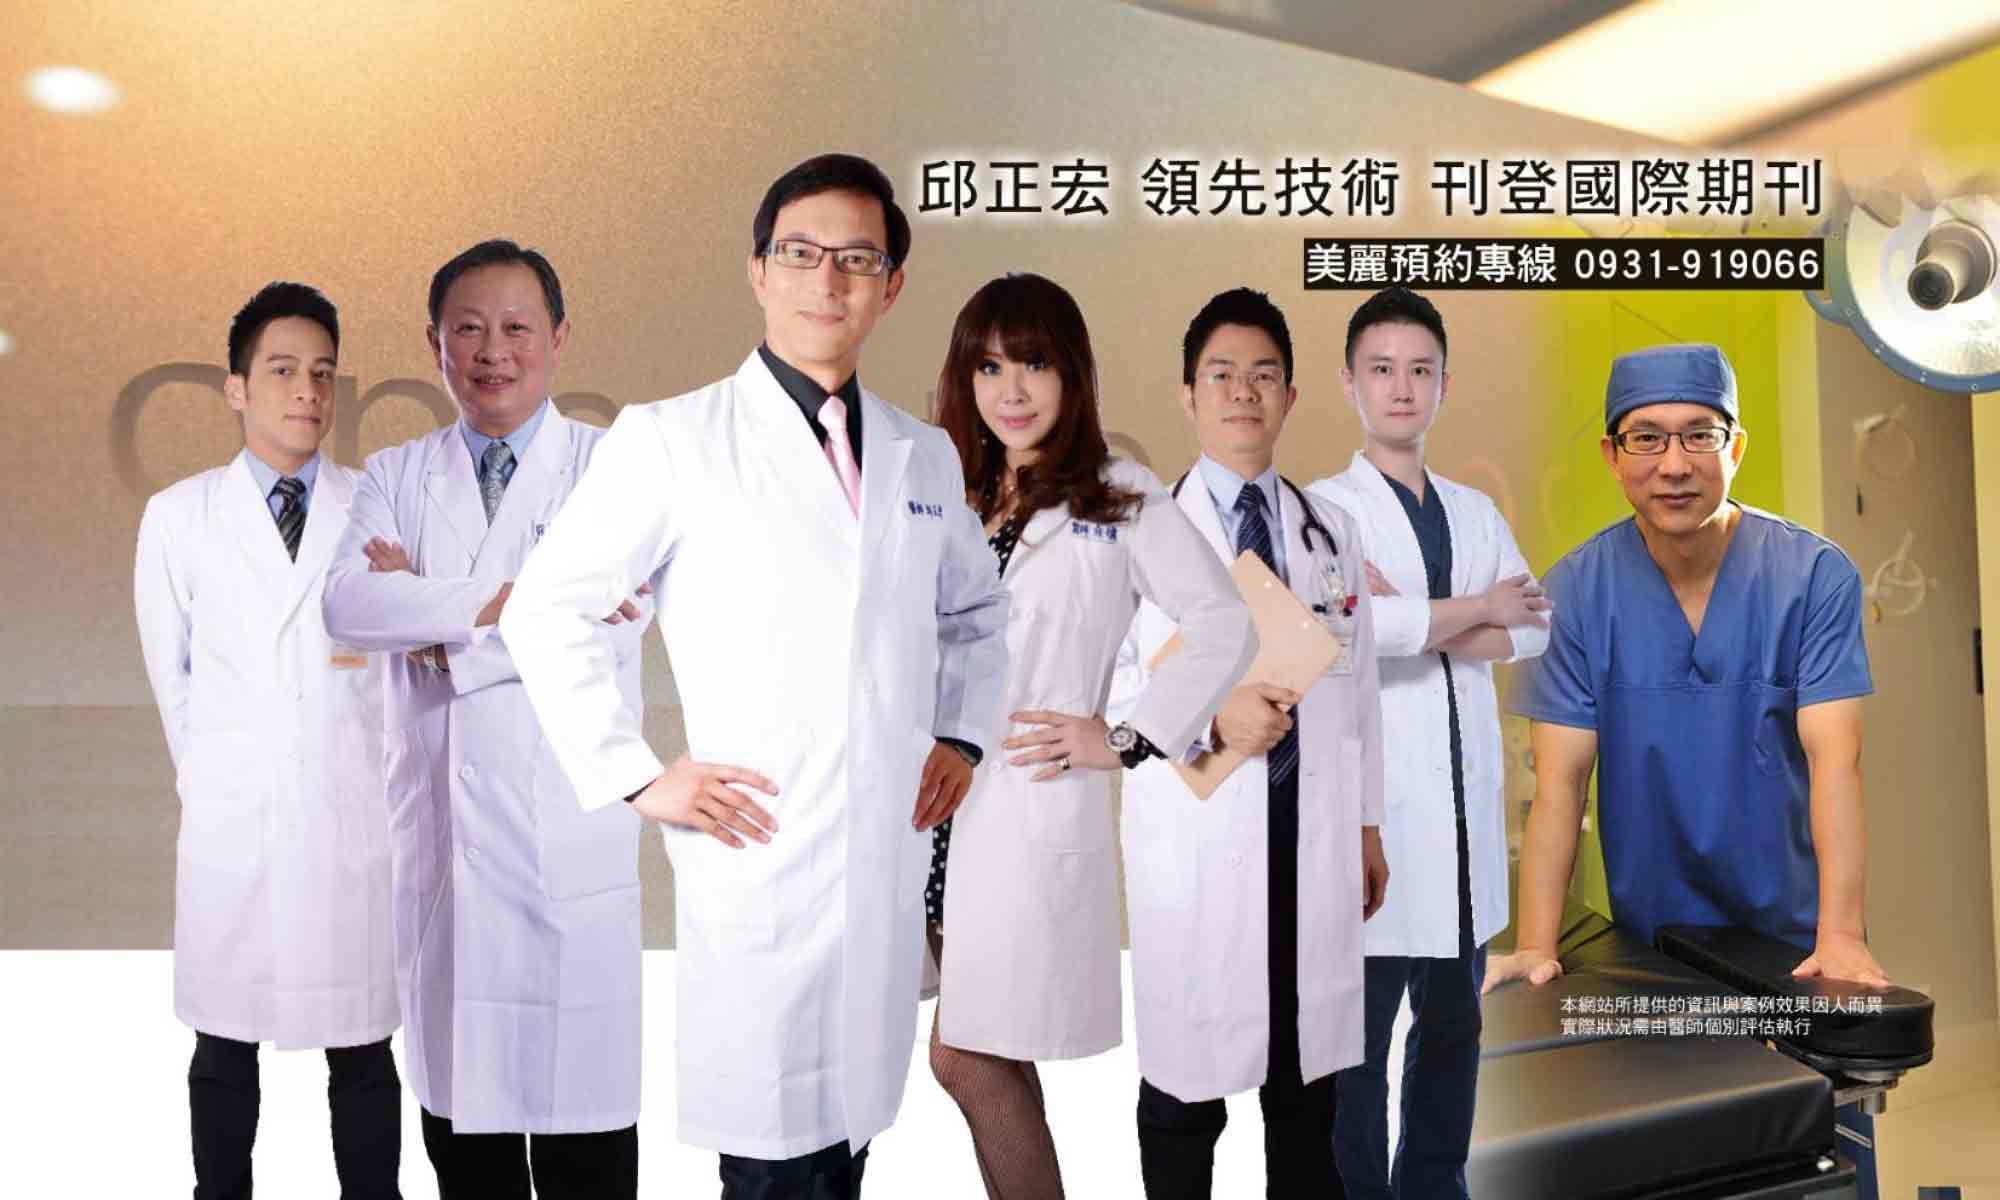 瘦小腿專家景升診所